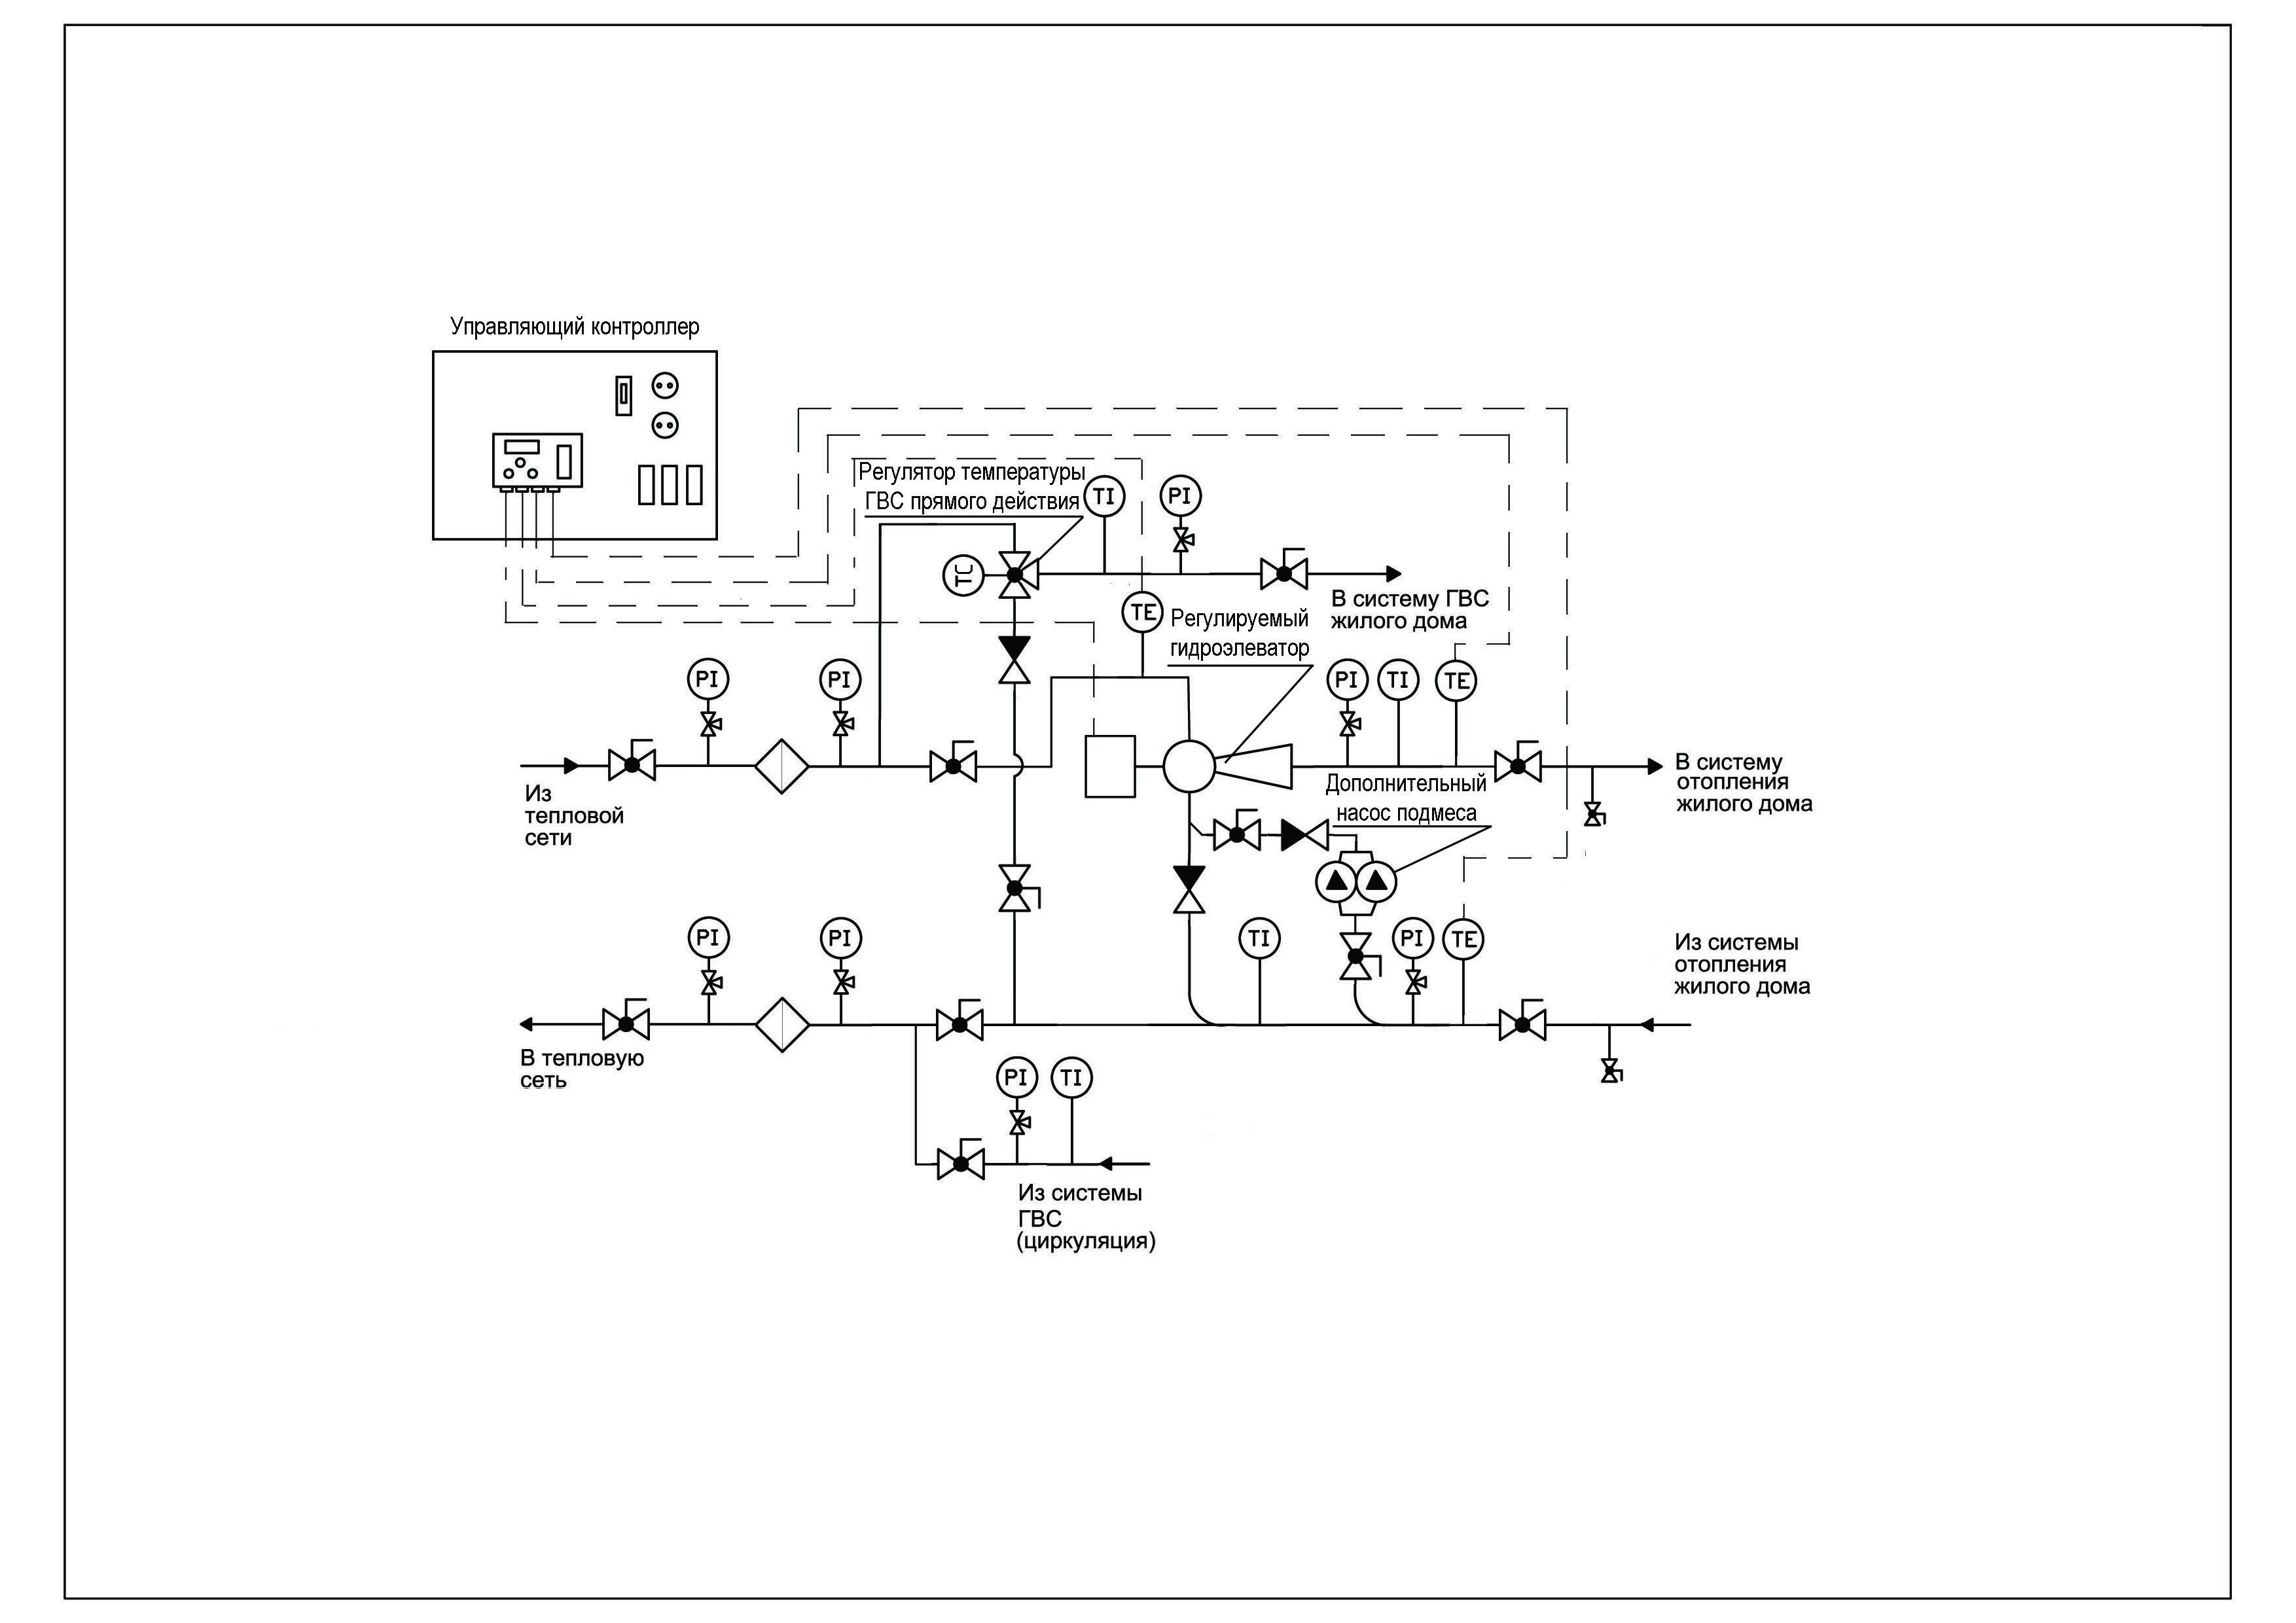 типовая схема элеваторного узла отопления с гвс для итп